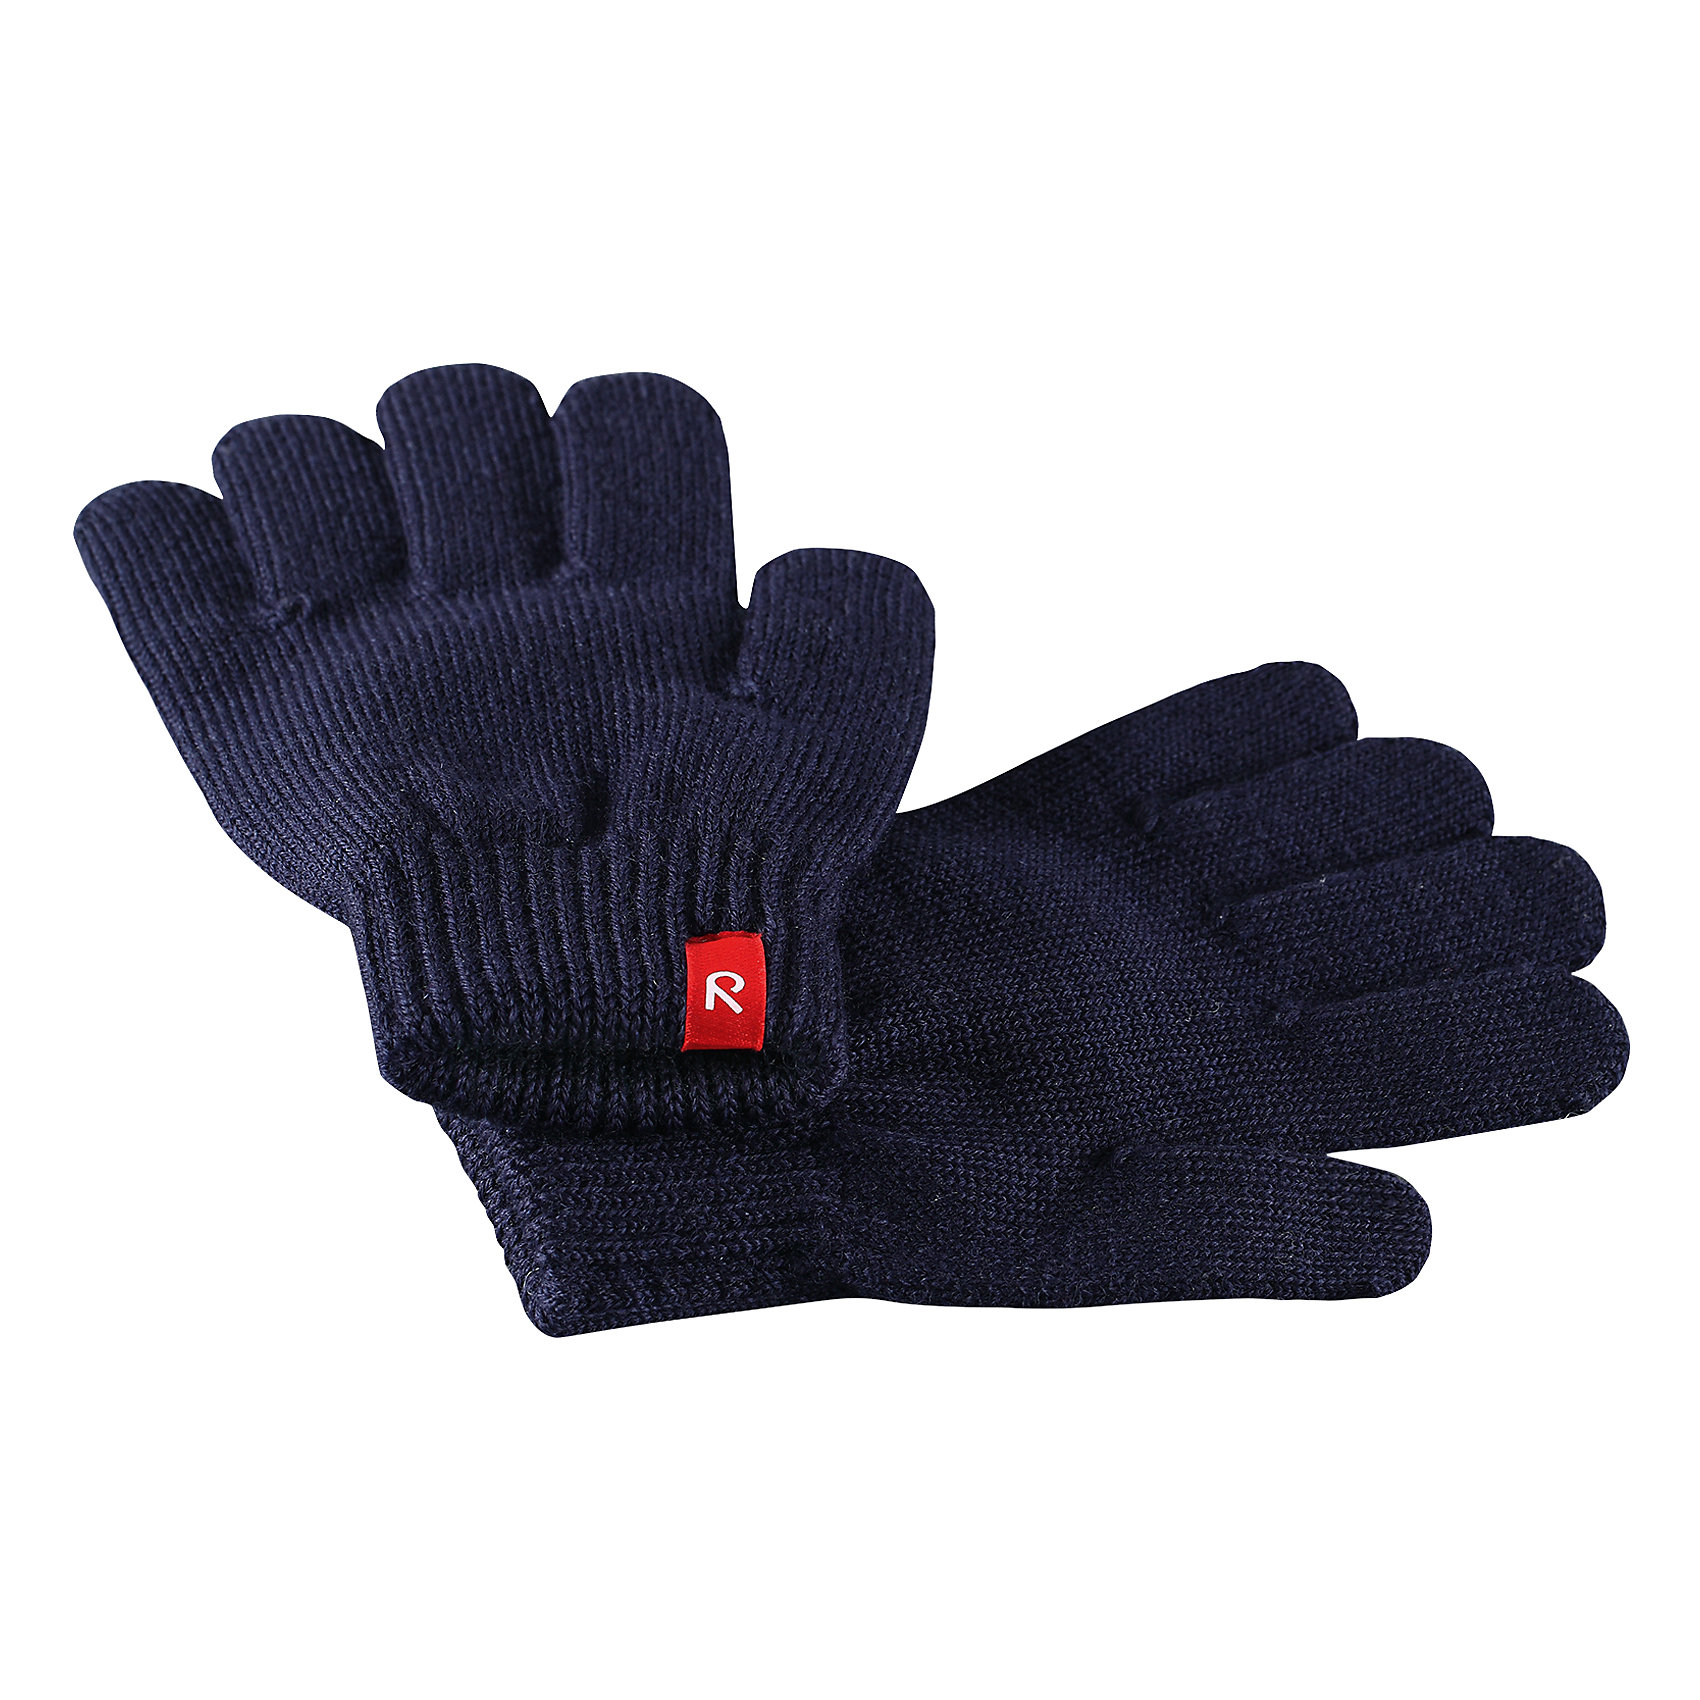 Перчатки Reima TwigПерчатки, варежки<br>Характеристики товара:<br><br>• цвет: темно-синий;<br>• состав: 75% шерсть, 22% полиакрил, 2% полиамид, 1% эластан;<br>• сезон: демисезон, зима;<br>• шерсть идеально поддерживает температуру;<br>• мягкая и теплая ткань из смеси шерсти;<br>• легкий стиль, без подкладки;<br>• страна бренда: Финляндия;<br>• страна изготовитель: Китай.<br><br>Перчатки выполнены из эластичной полушерсти, дарящей комфорт в прохладные дни ранней осенью. Они идеально подойдут для поддевания под водонепроницаемые варежки и перчатки. Изготовлены из трикотажа высокого качества и легко стираются в стиральной машине. <br><br>Перчатки Twig Reima от финского бренда Reima (Рейма) можно купить в нашем интернет-магазине.<br><br>Ширина мм: 162<br>Глубина мм: 171<br>Высота мм: 55<br>Вес г: 119<br>Цвет: синий<br>Возраст от месяцев: 120<br>Возраст до месяцев: 144<br>Пол: Унисекс<br>Возраст: Детский<br>Размер: 7/8,3/4,5/6<br>SKU: 6902111